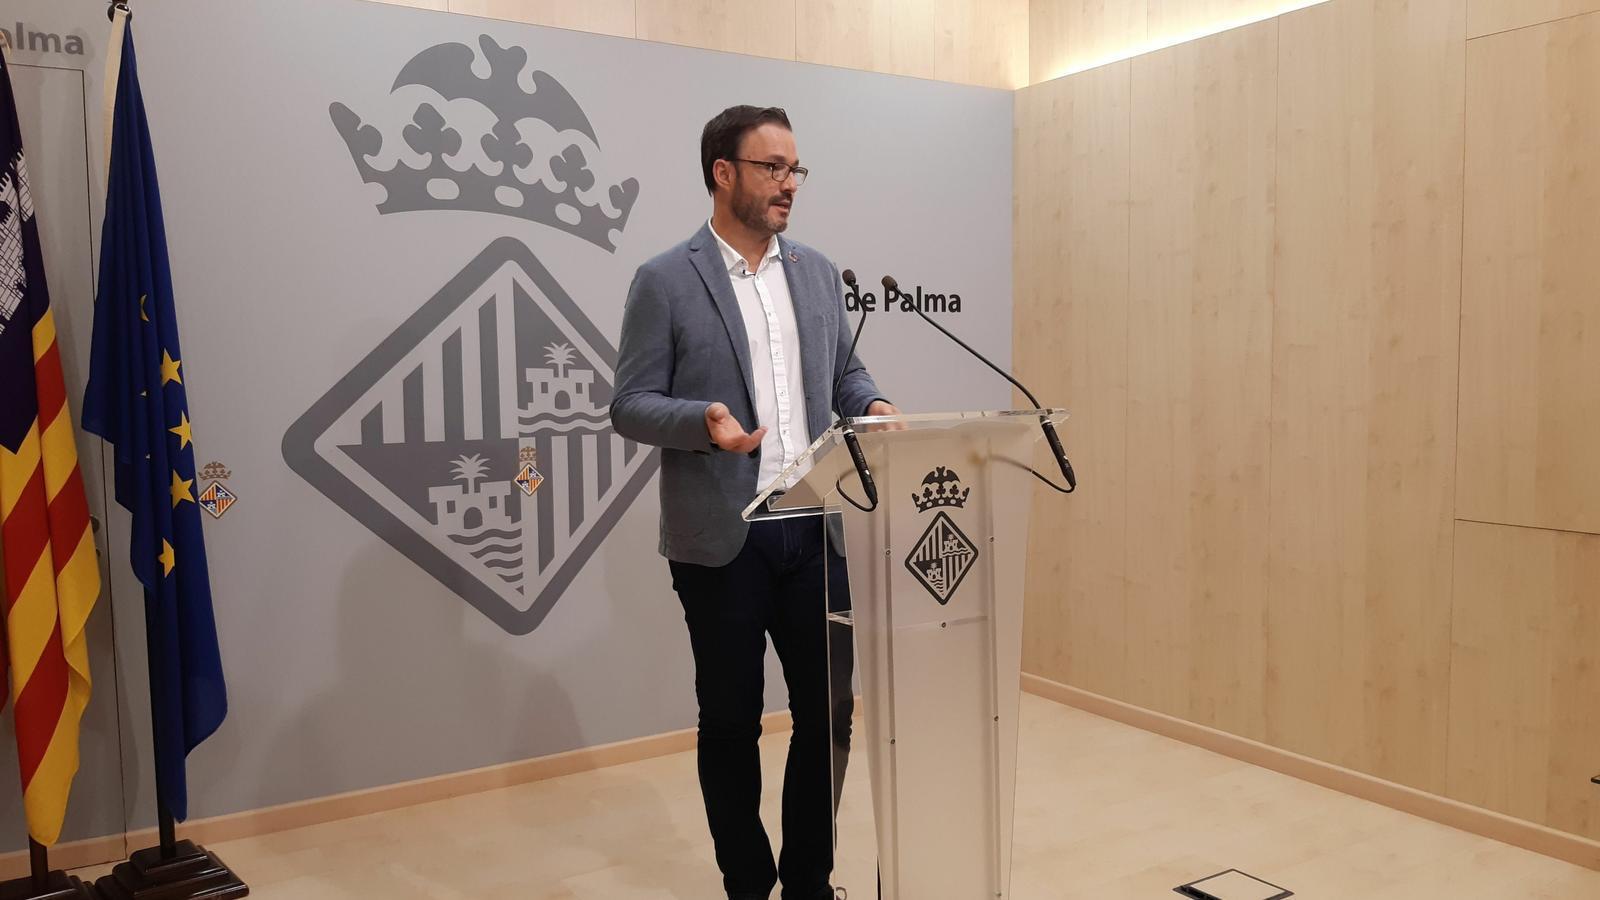 El batle de Palma, Jose Hila